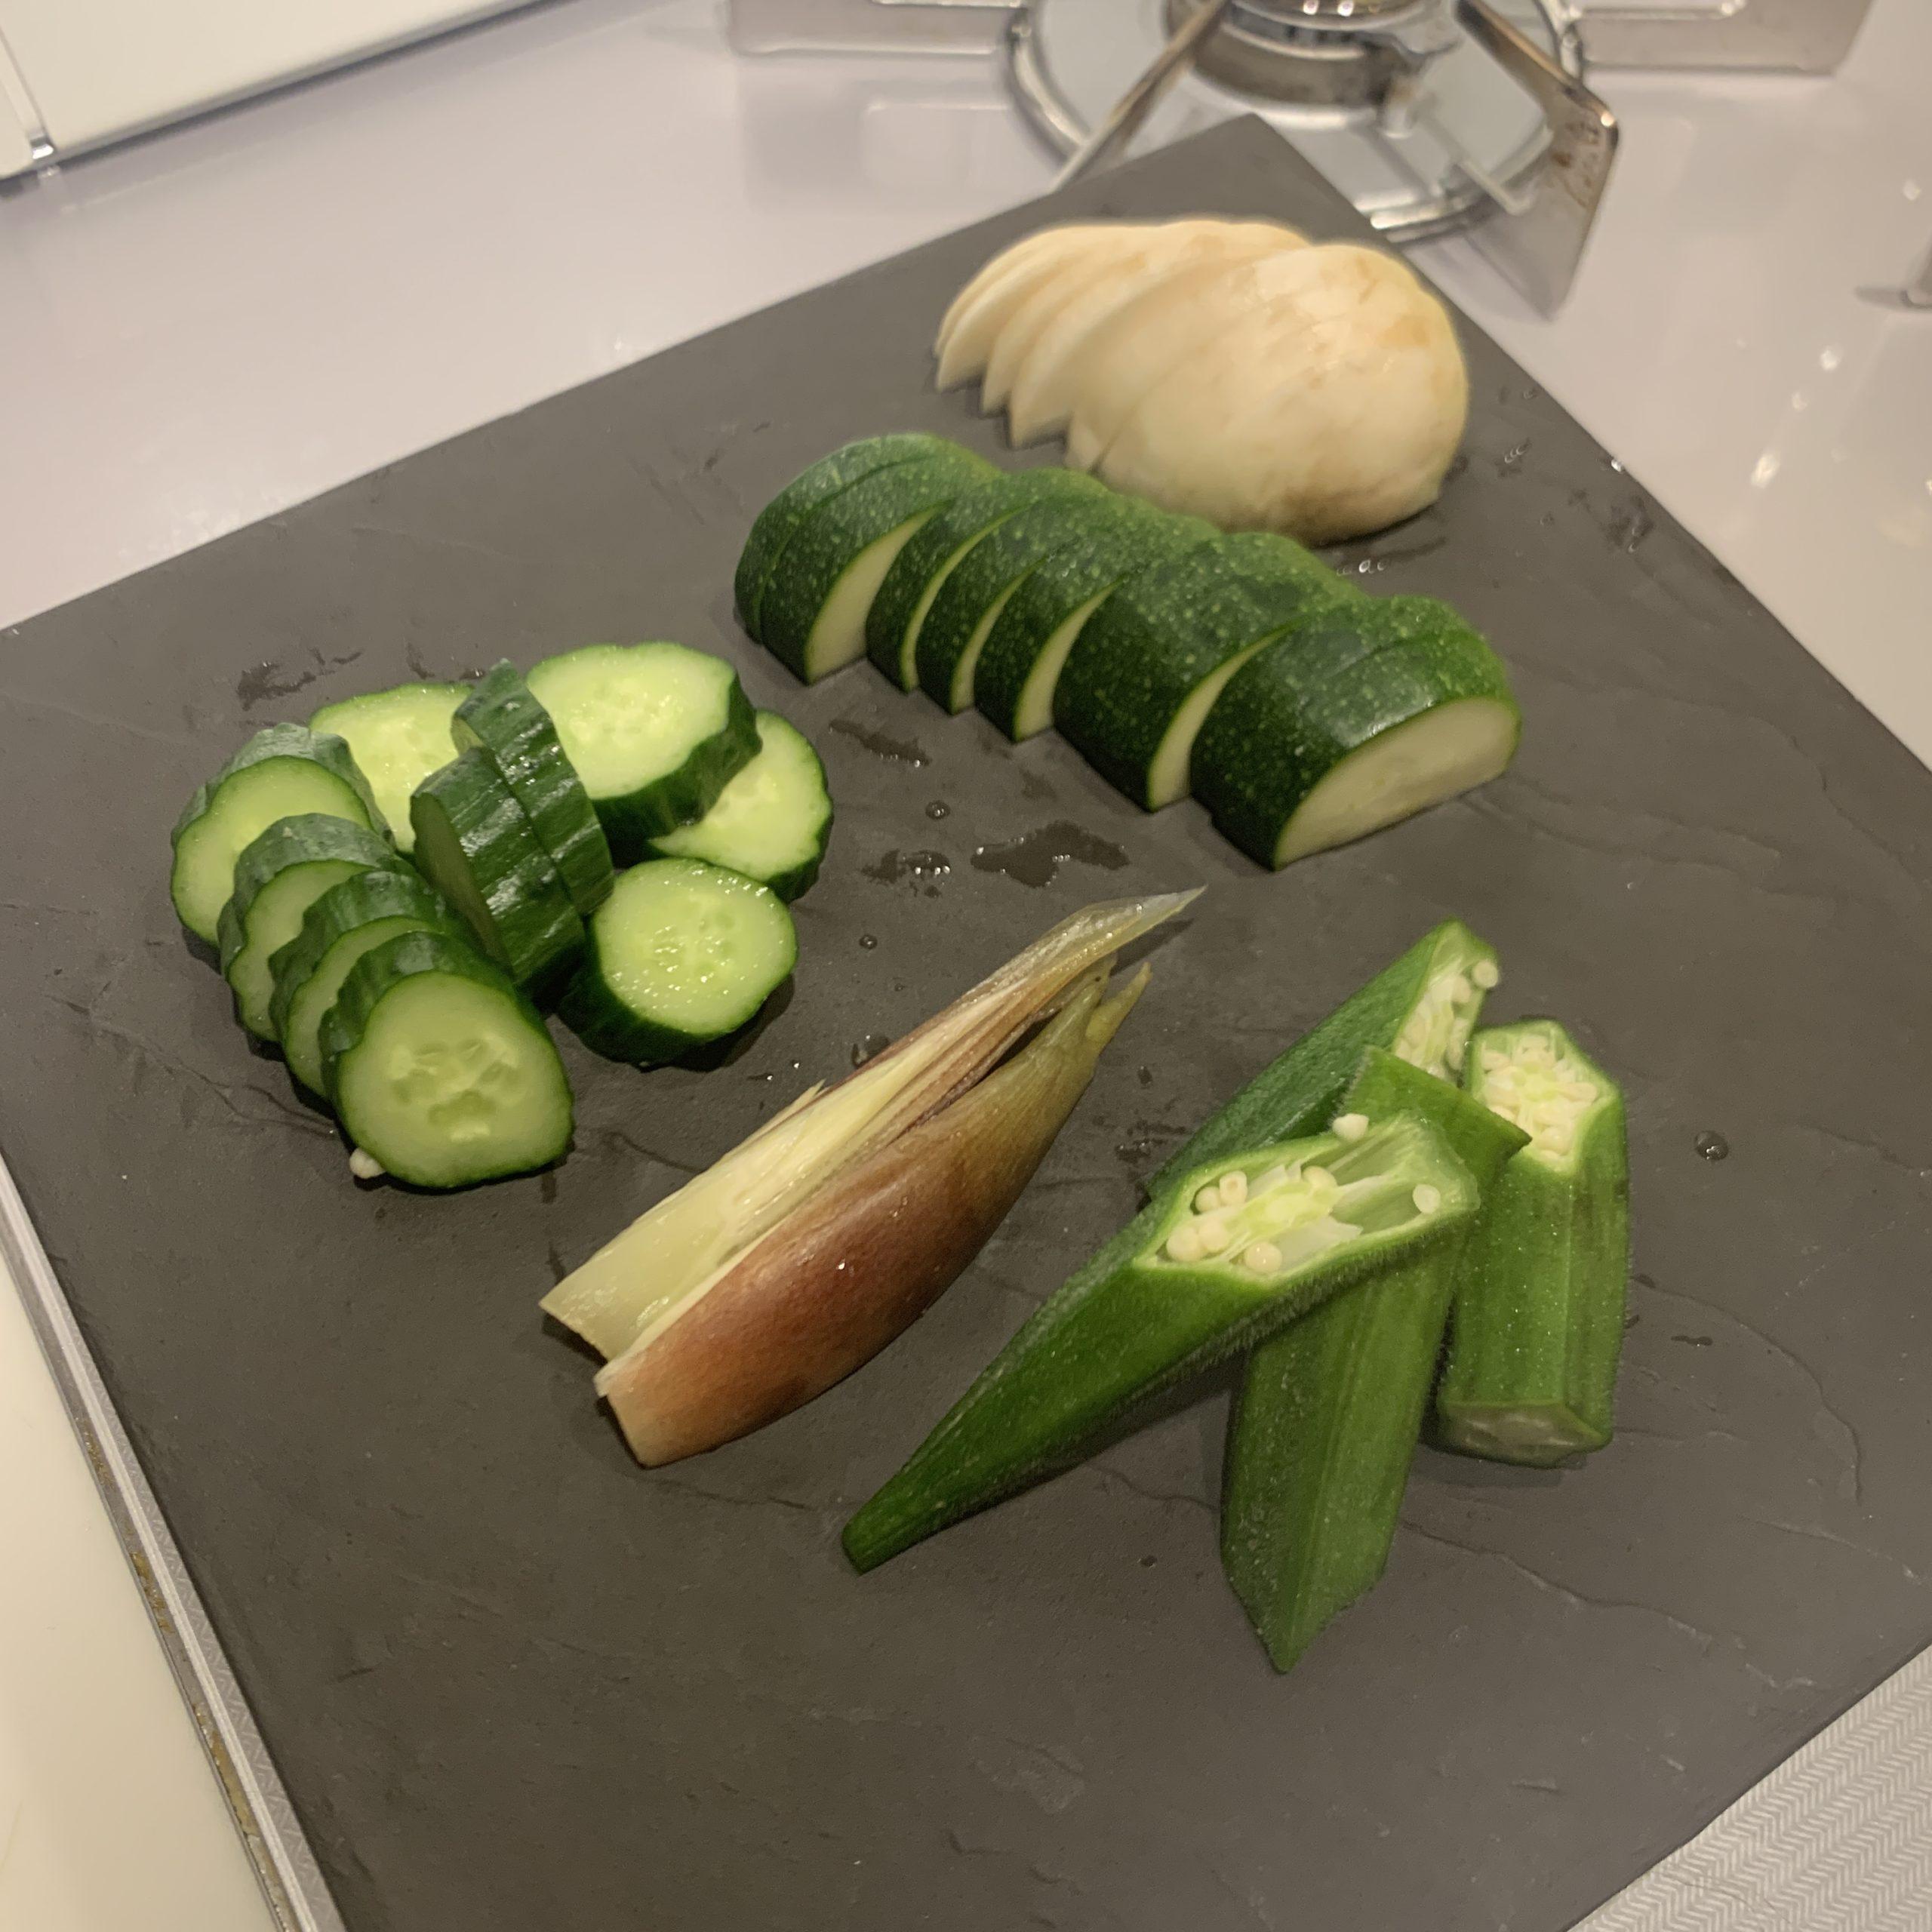 オリーブぬか床で夏野菜を漬けたら、美味しかった!